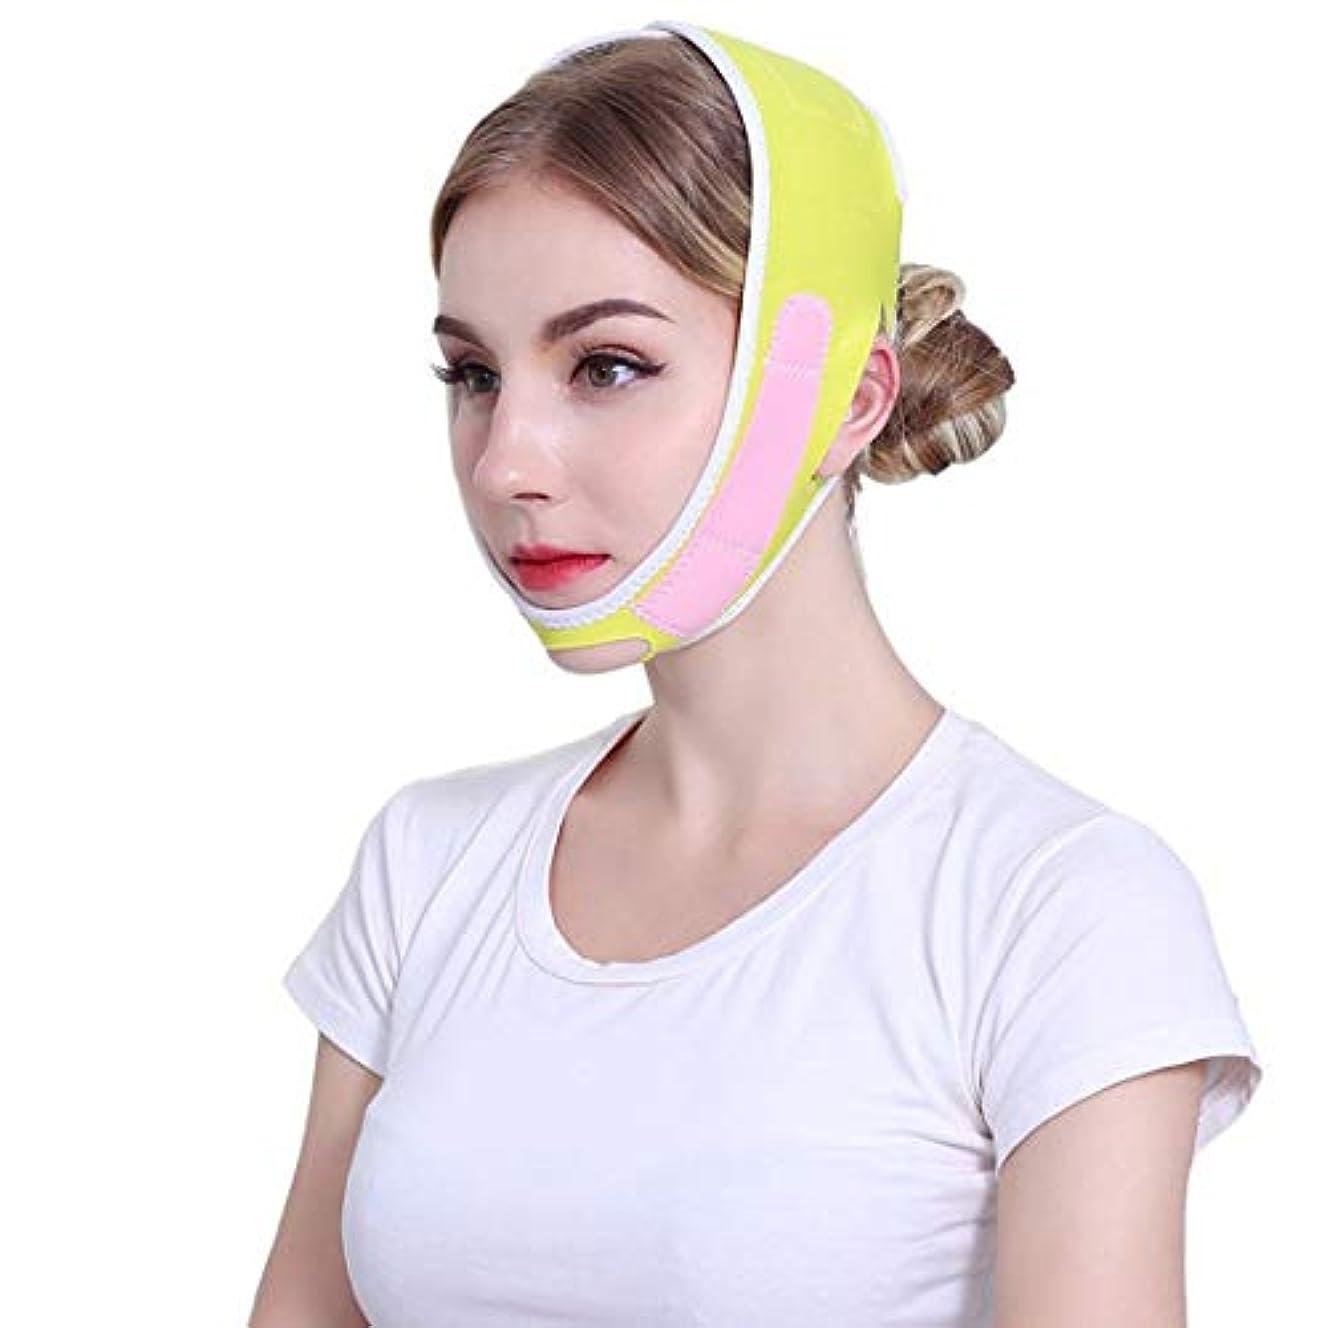 系統的滅多タブレットZWBD フェイスマスク, フェイスリフティング包帯v薄い顔の形の男性と女性vフェイスリフティング引き締めリフティングフェイス包帯黄色